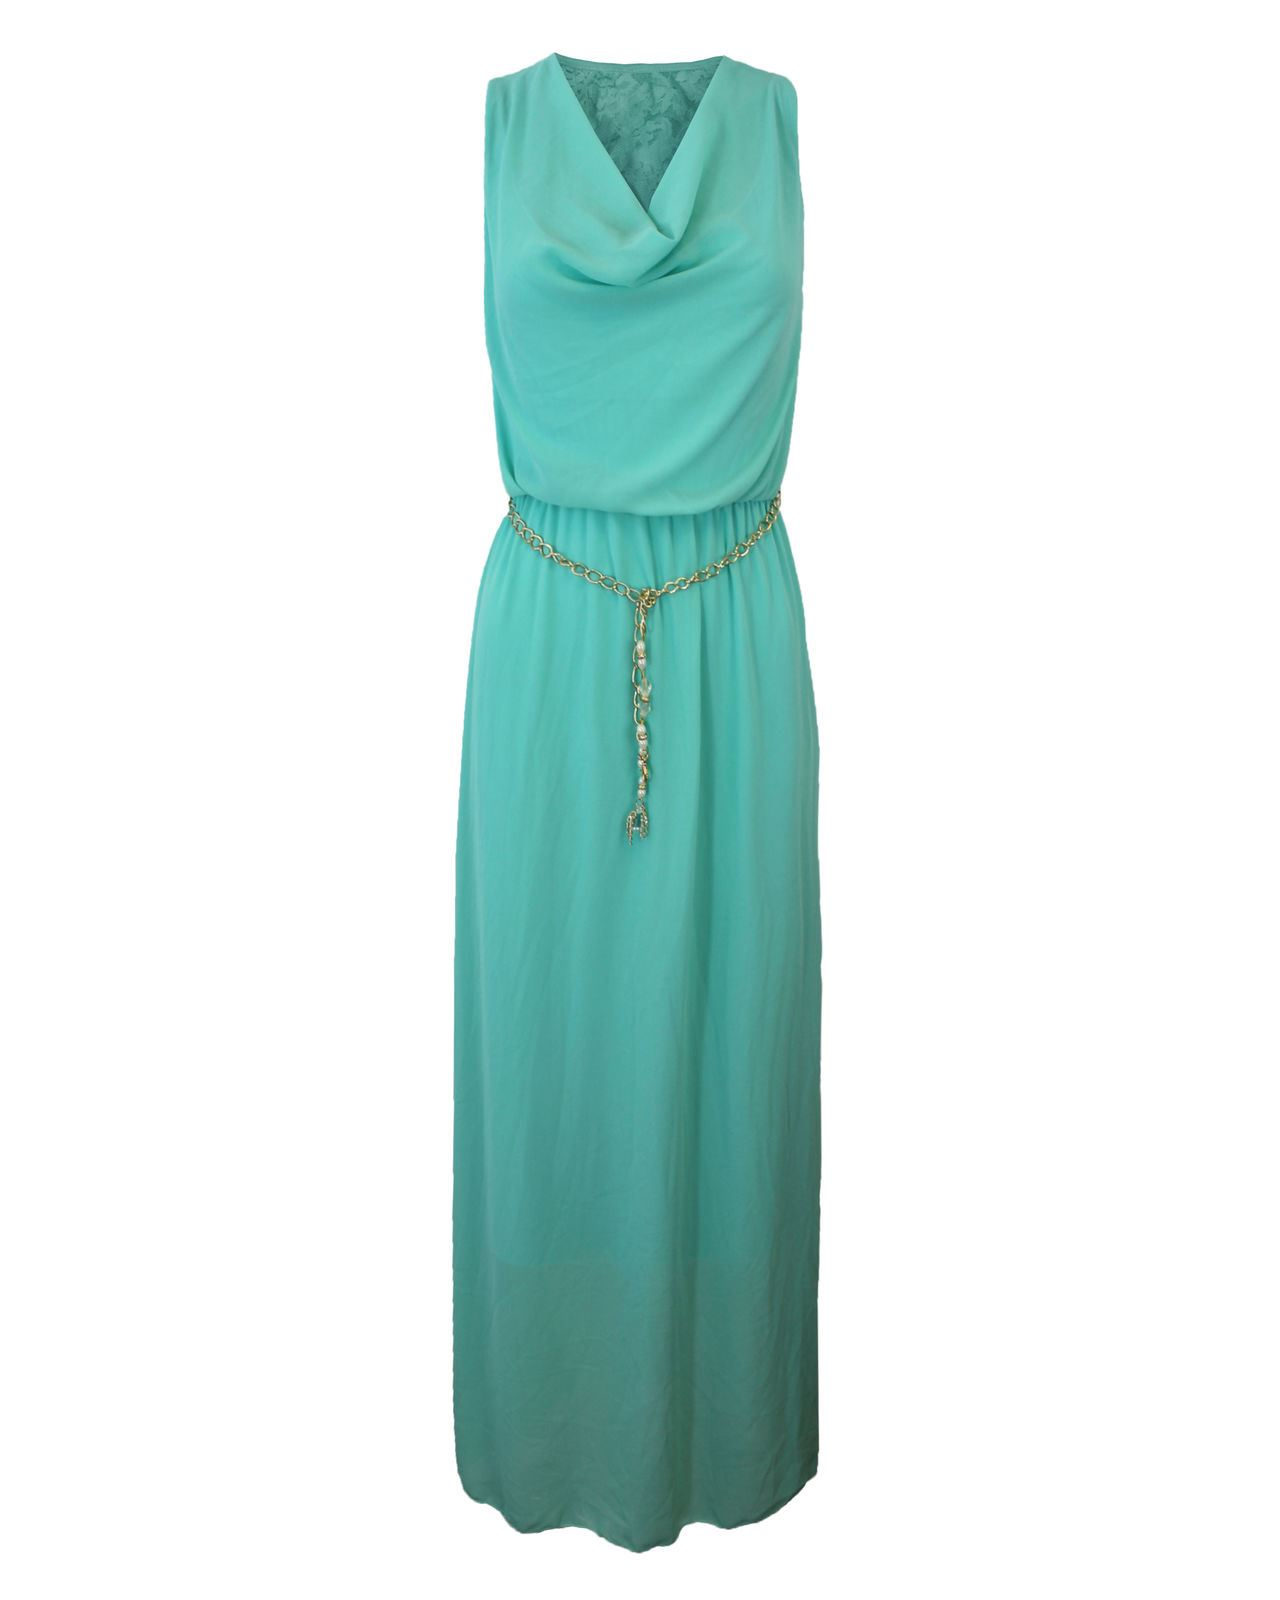 LADIES WOMENS GOLDEN CHAIN WAIST BELT LONG MAXI DETAIL CHIFFON DRESS ...